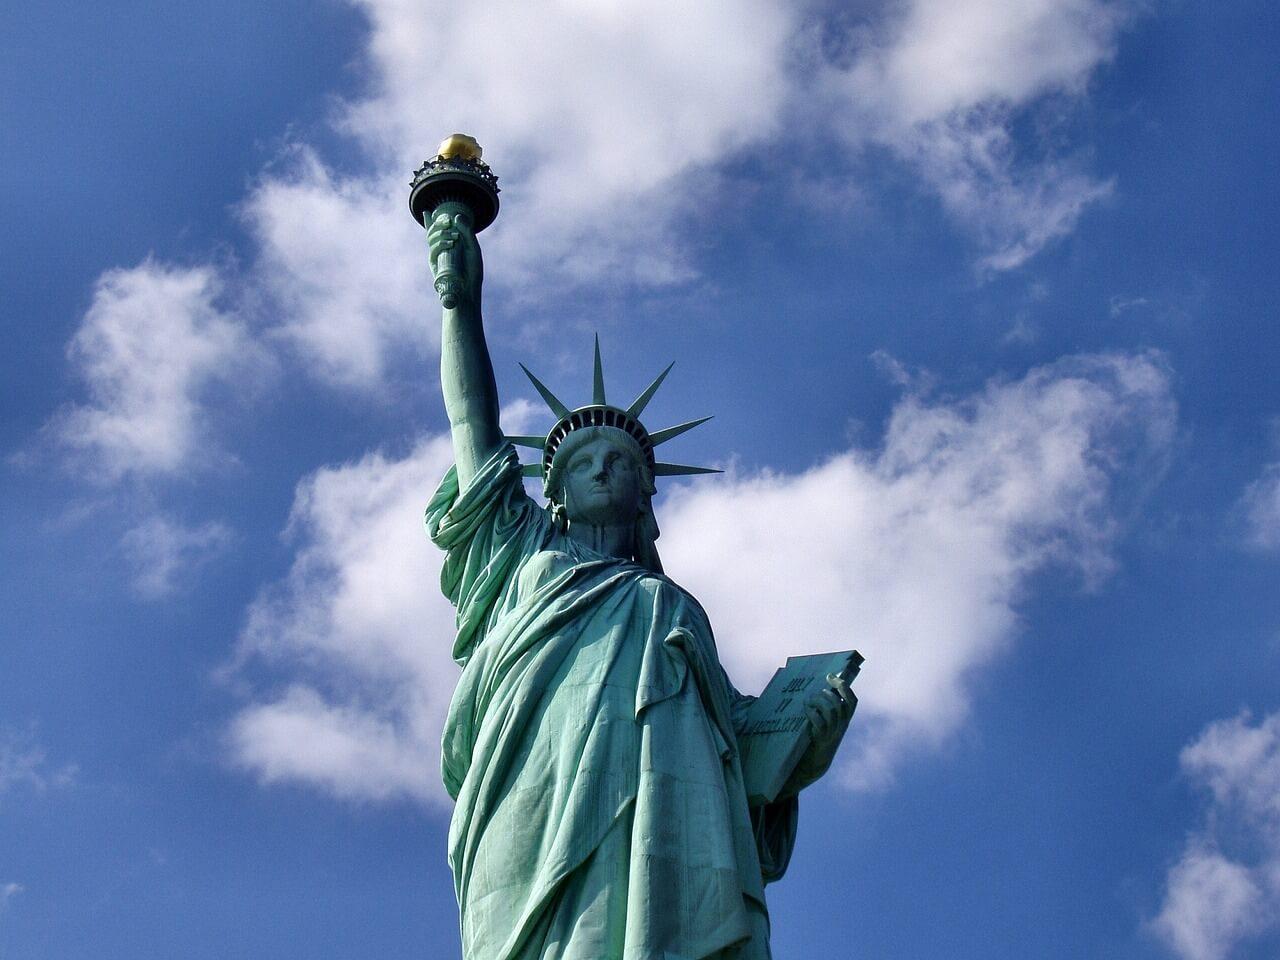 GCLExperts - Statue of liberty